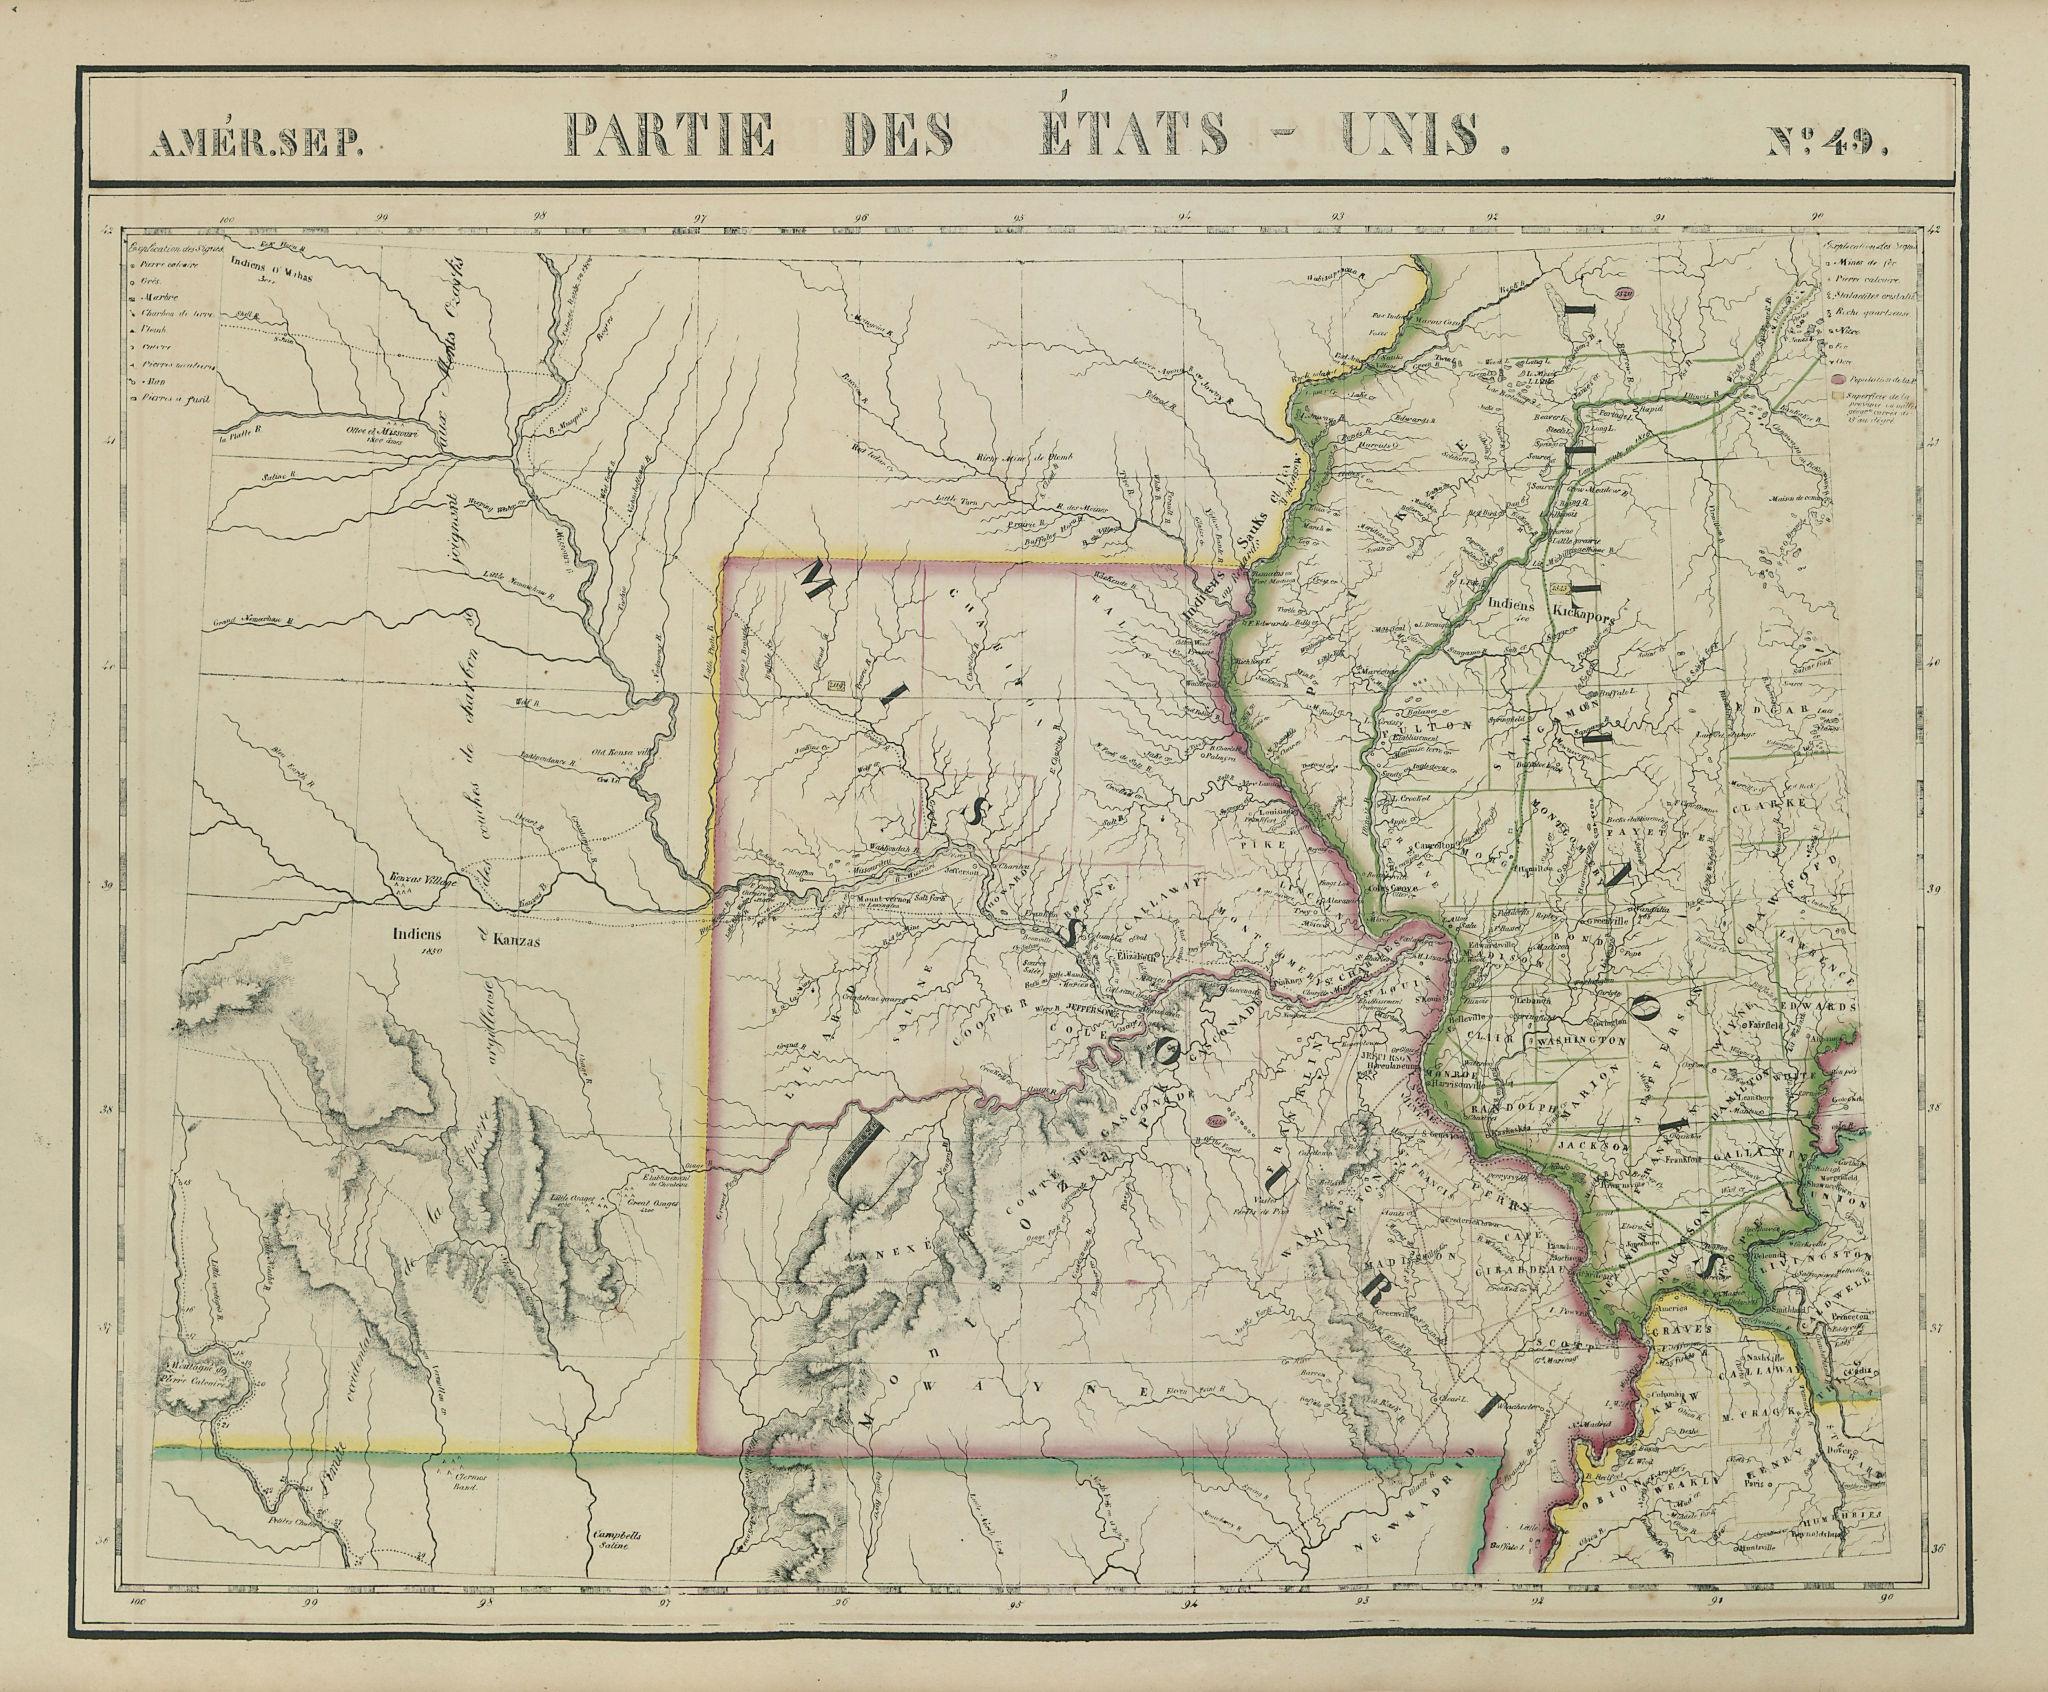 Amér. Sep. Parties des États-Unis #49. Missouri Illinois. VANDERMAELEN 1827 map